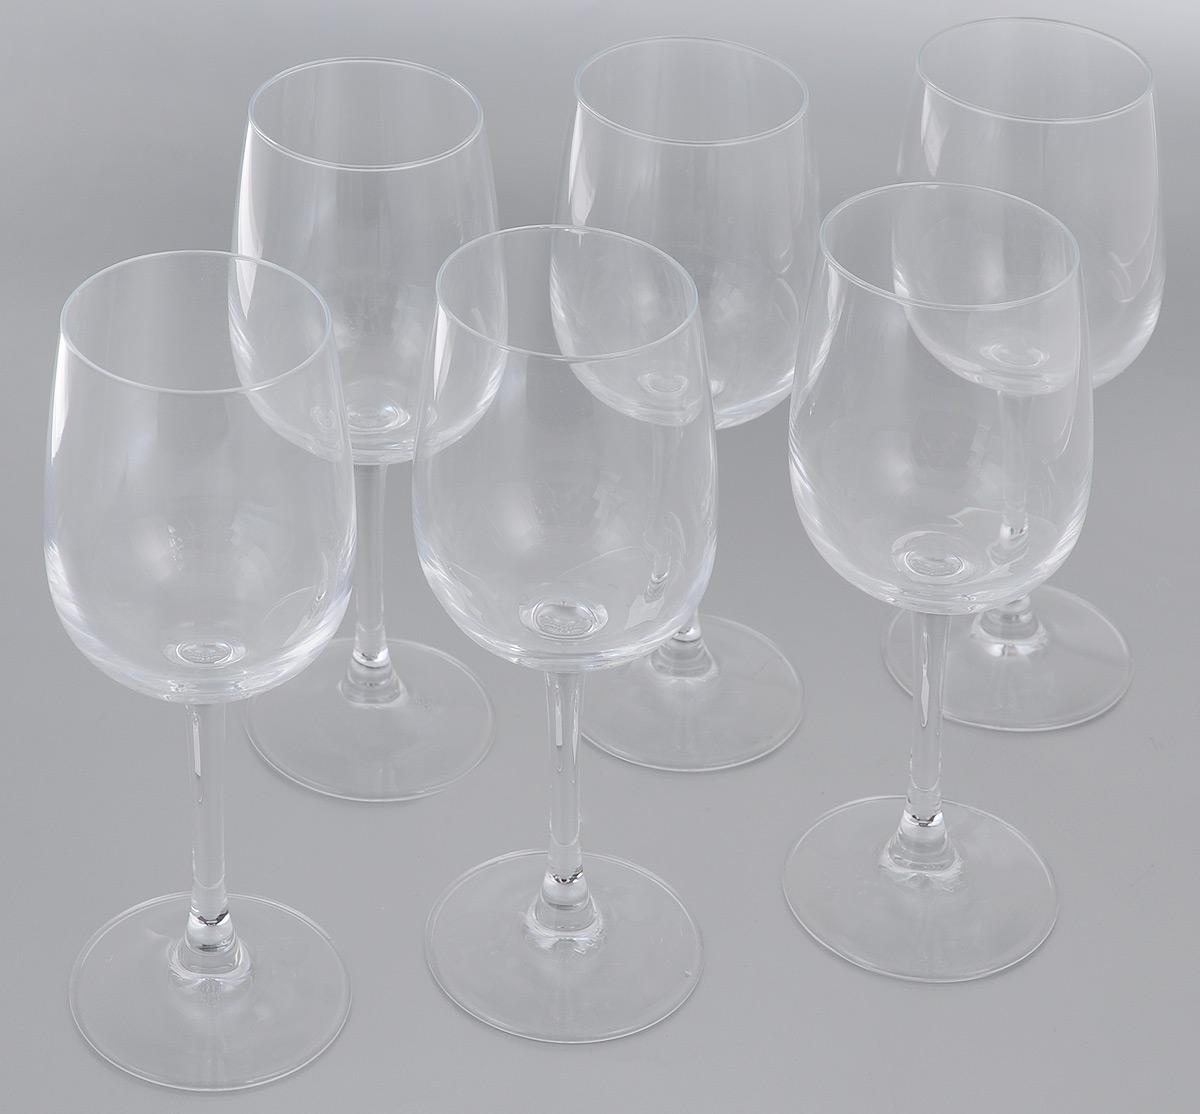 Набор фужеров для вина Luminarc Versailles, 275 мл, 6 штG1509Набор Luminarc Versailles состоит из шести фужеров, выполненных из прочного стекла. Изделия оснащены высокими ножками. Фужеры предназначены для подачи вина. Они сочетают в себе элегантный дизайн и функциональность. Благодаря такому набору пить напитки будет еще вкуснее.Набор фужеров Luminarc Versailles прекрасно оформит праздничный стол и создаст приятную атмосферу за романтическим ужином. Такой набор также станет хорошим подарком к любому случаю. Можно мыть в посудомоечной машине.Диаметр фужера (по верхнему краю): 6 см. Высота фужера: 19,5 см.